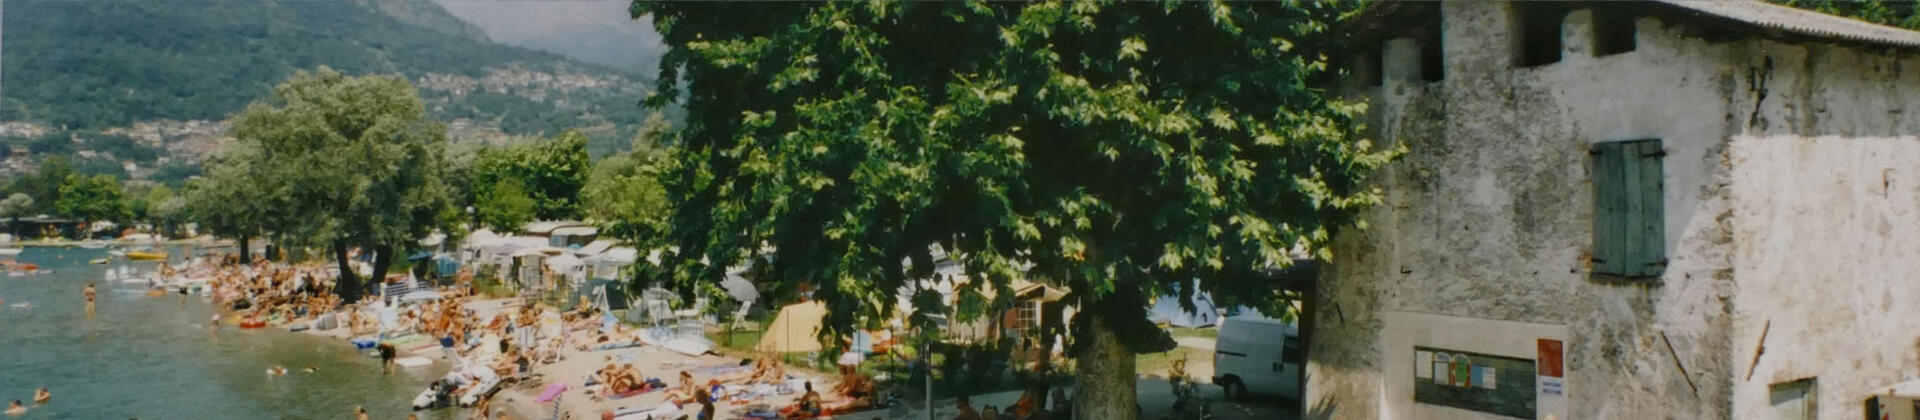 campingdarna it la-nostra-storia 013